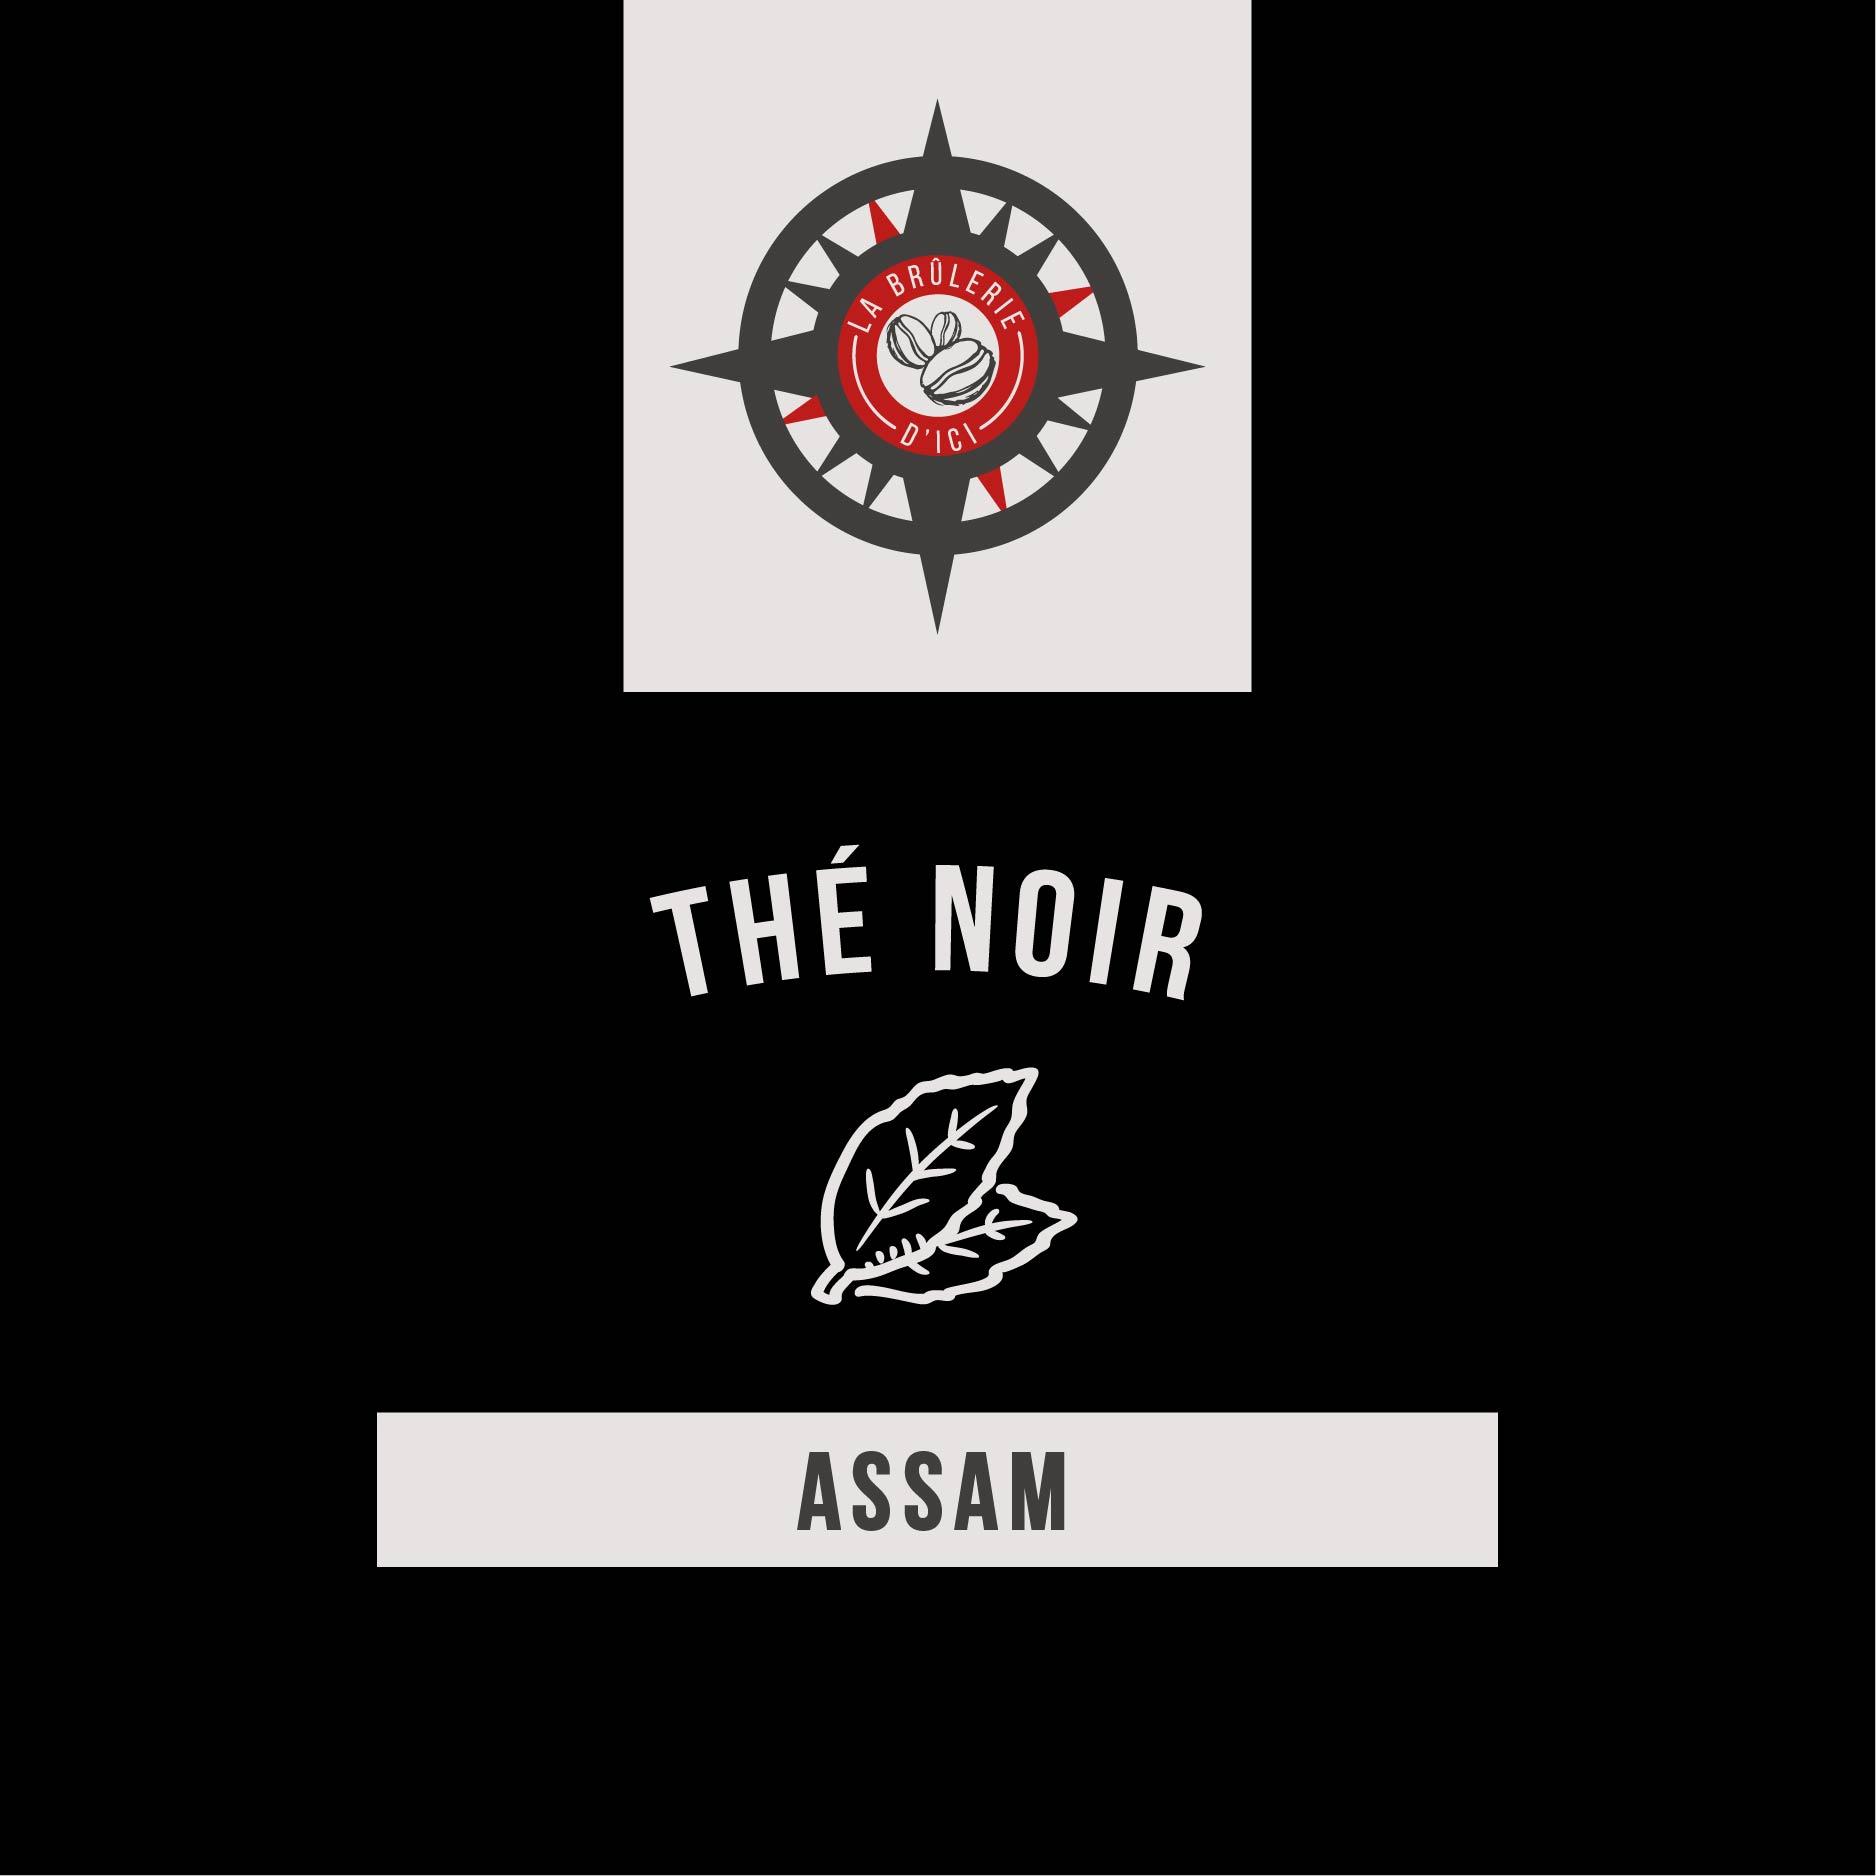 Assam - Thé et tisane